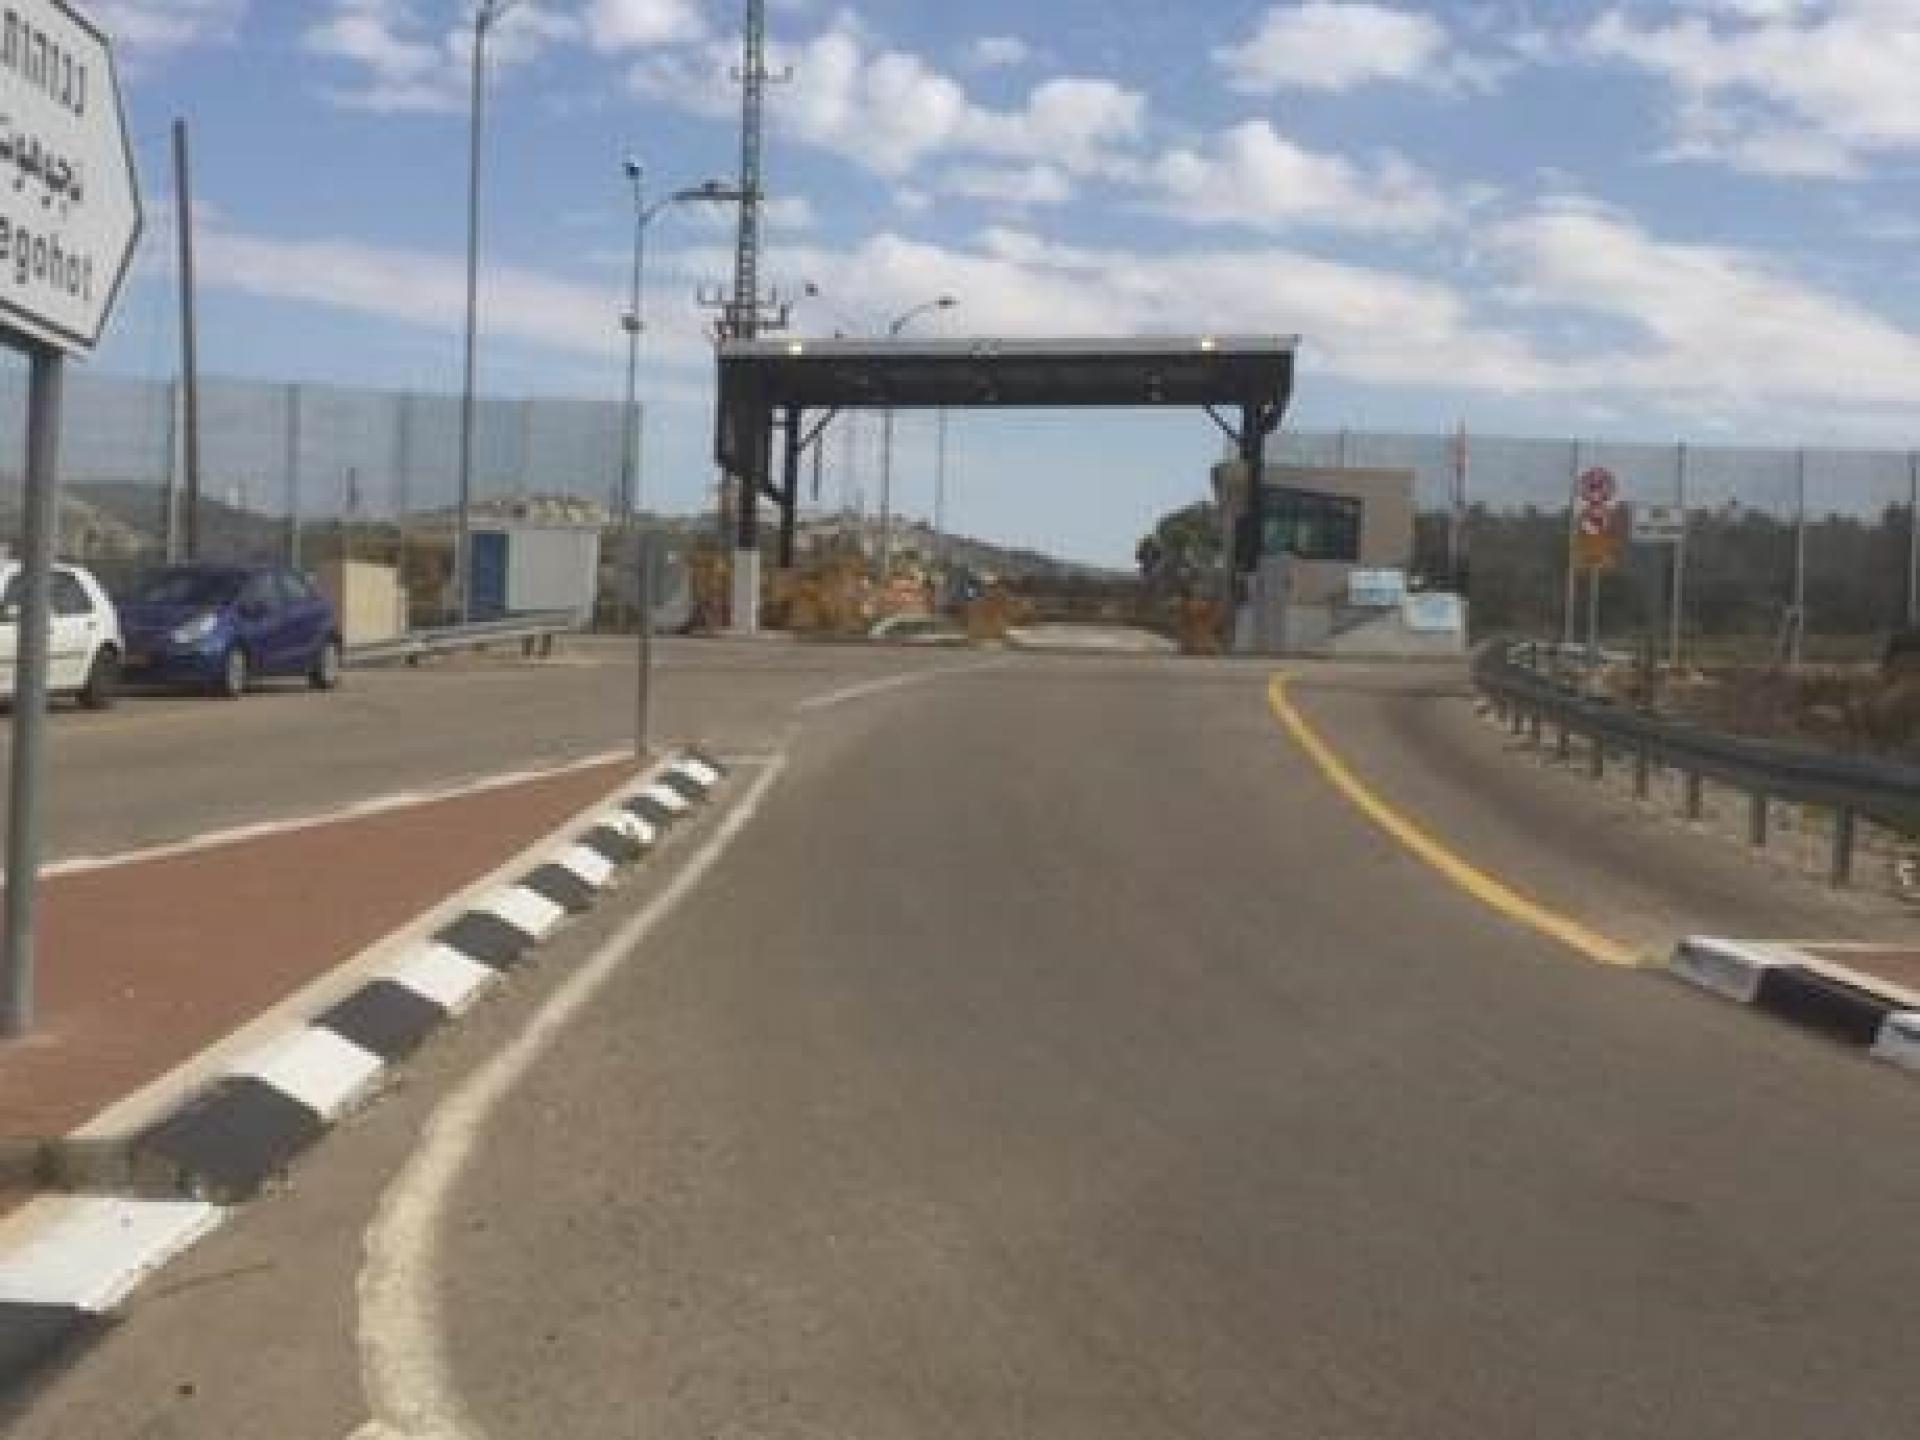 מחסום שקף בכביש להתנחלות נגוהות (כביש 3265): כאן מותר לעבור רק לאזרחים ישראליים יהודים (כגון מתנחלים). אזרחים ישראליים ערבים נשלחים לעבור במחסום מיתר או תרקומיא